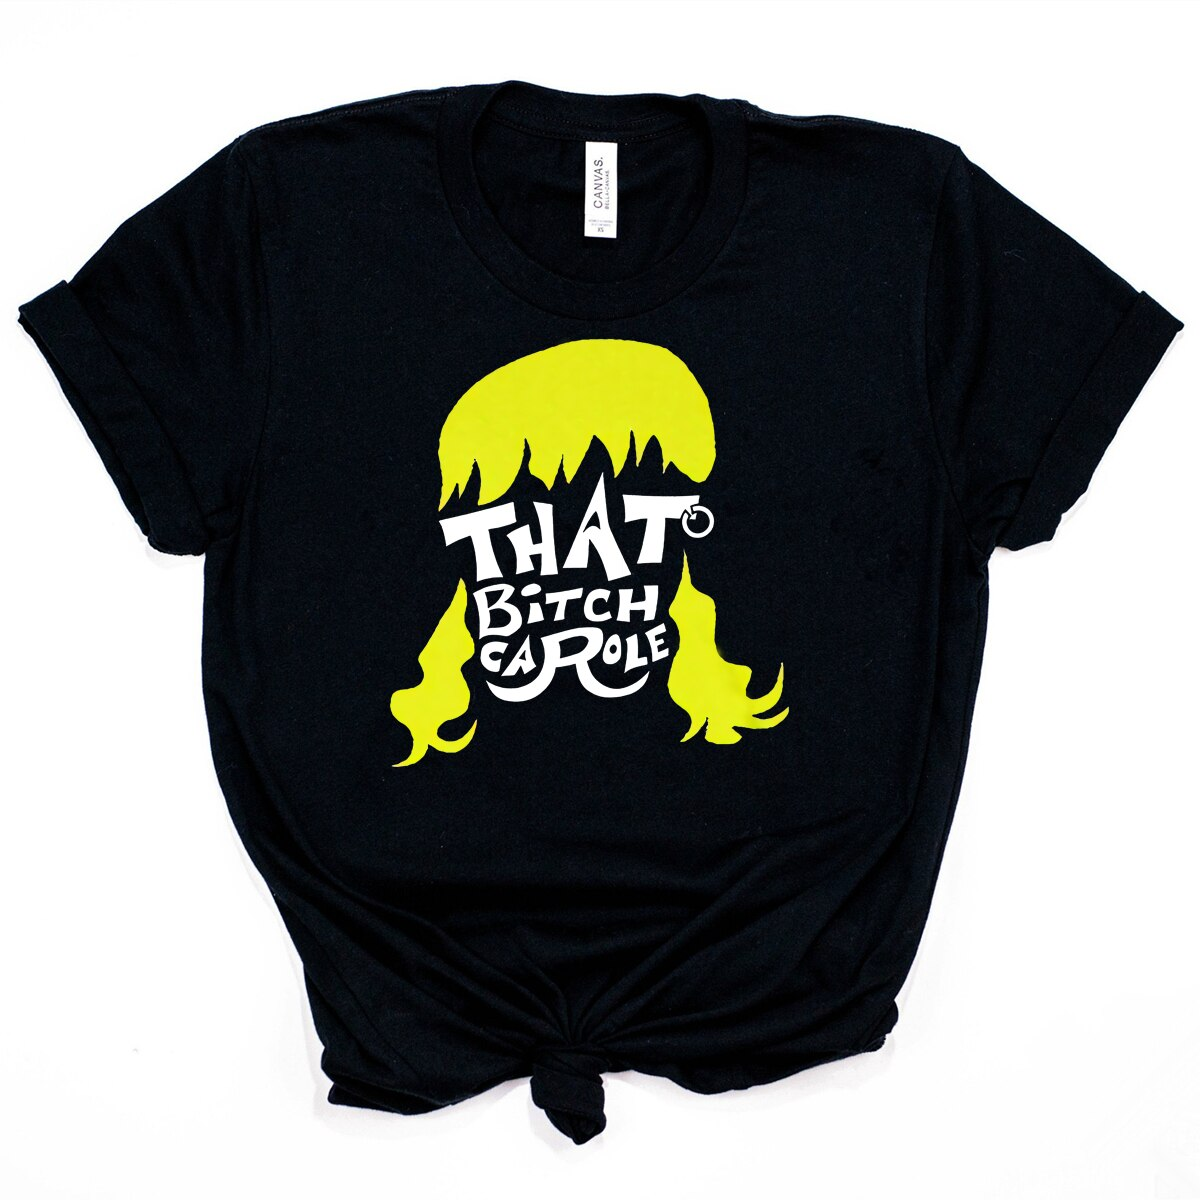 Novedad de 2020, camiseta del rey tigre que B itch Carole, camiseta divertida exótica de Joe, camiseta Carole You B itch